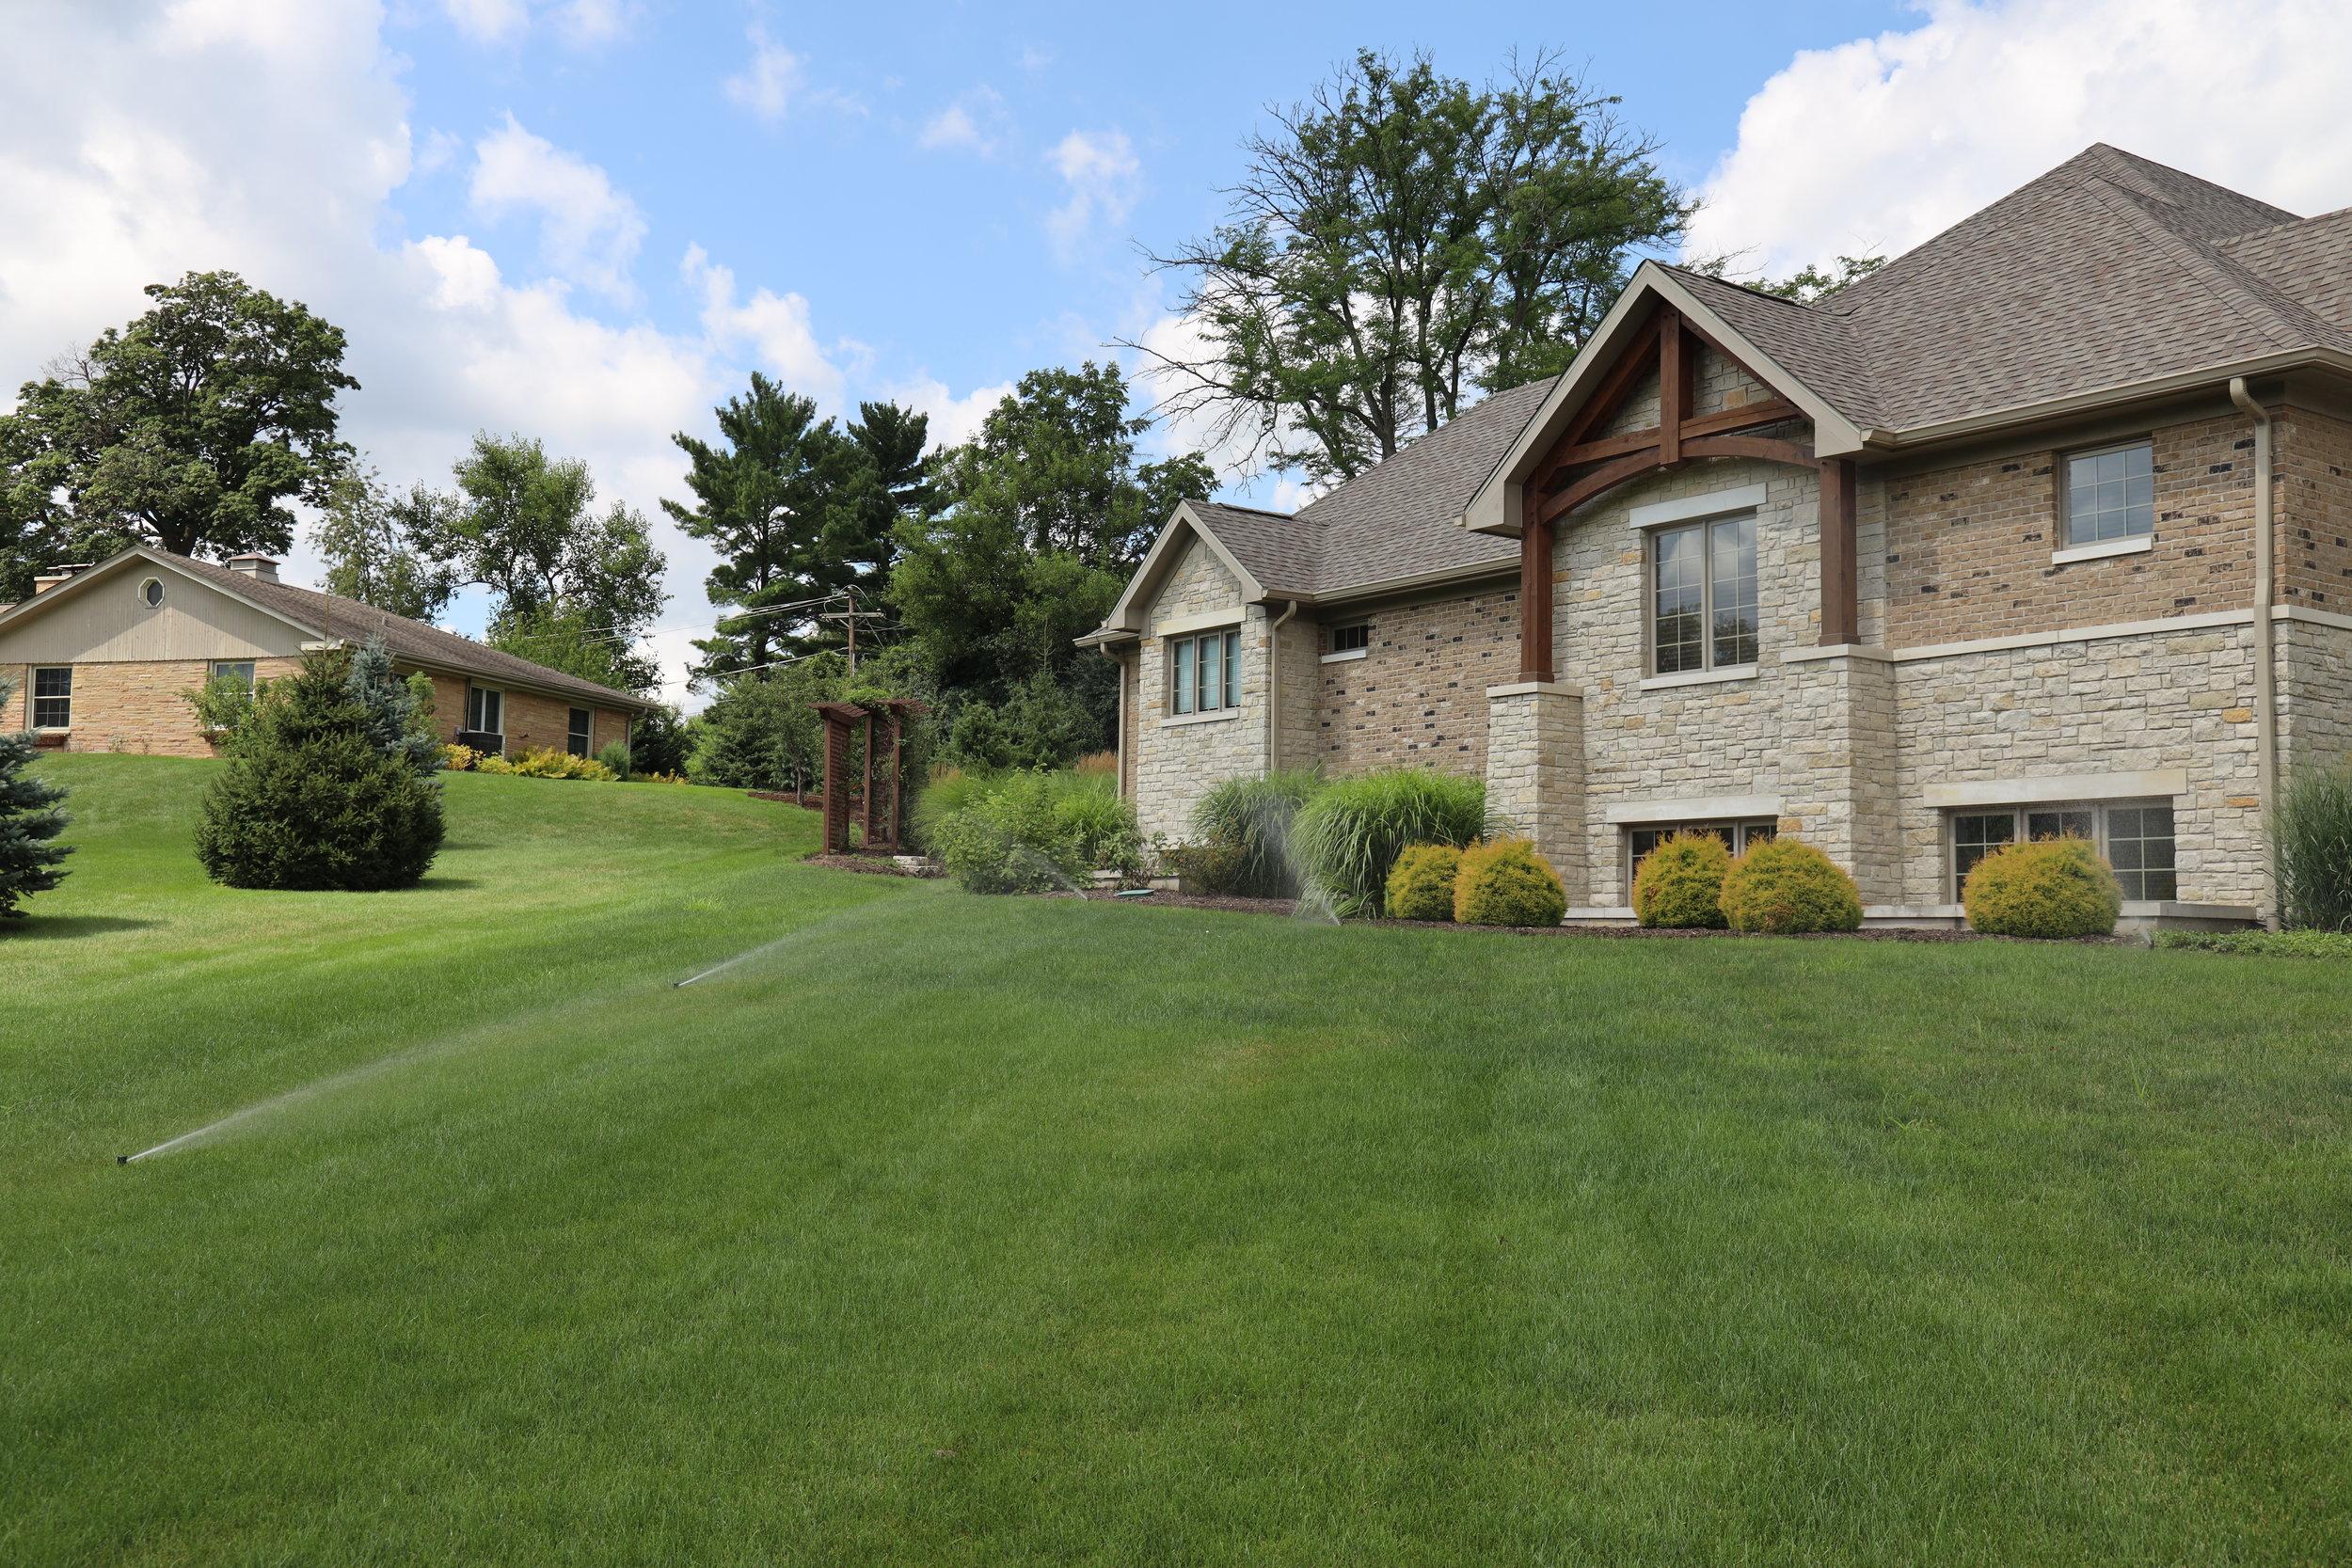 Carefree Lawn Sprinklers Inc. - Glen Ellyn Sprinkler System